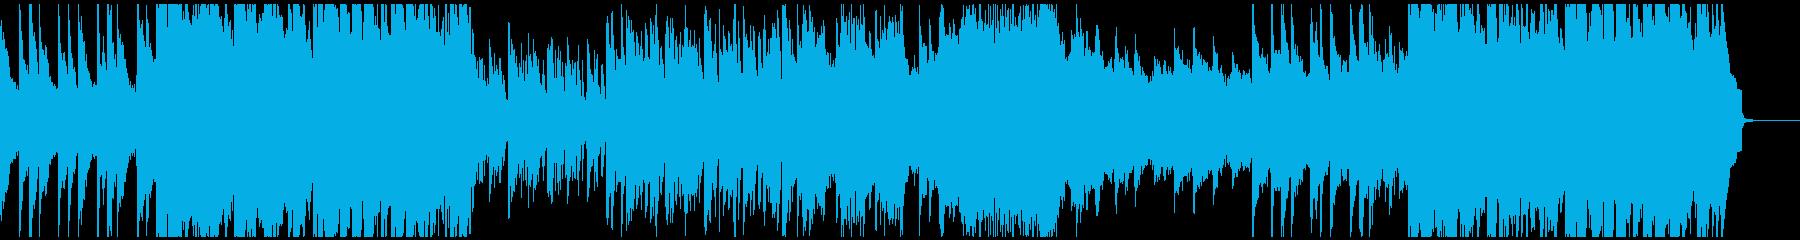 壮大で厳かで美しいピアノバラードの再生済みの波形